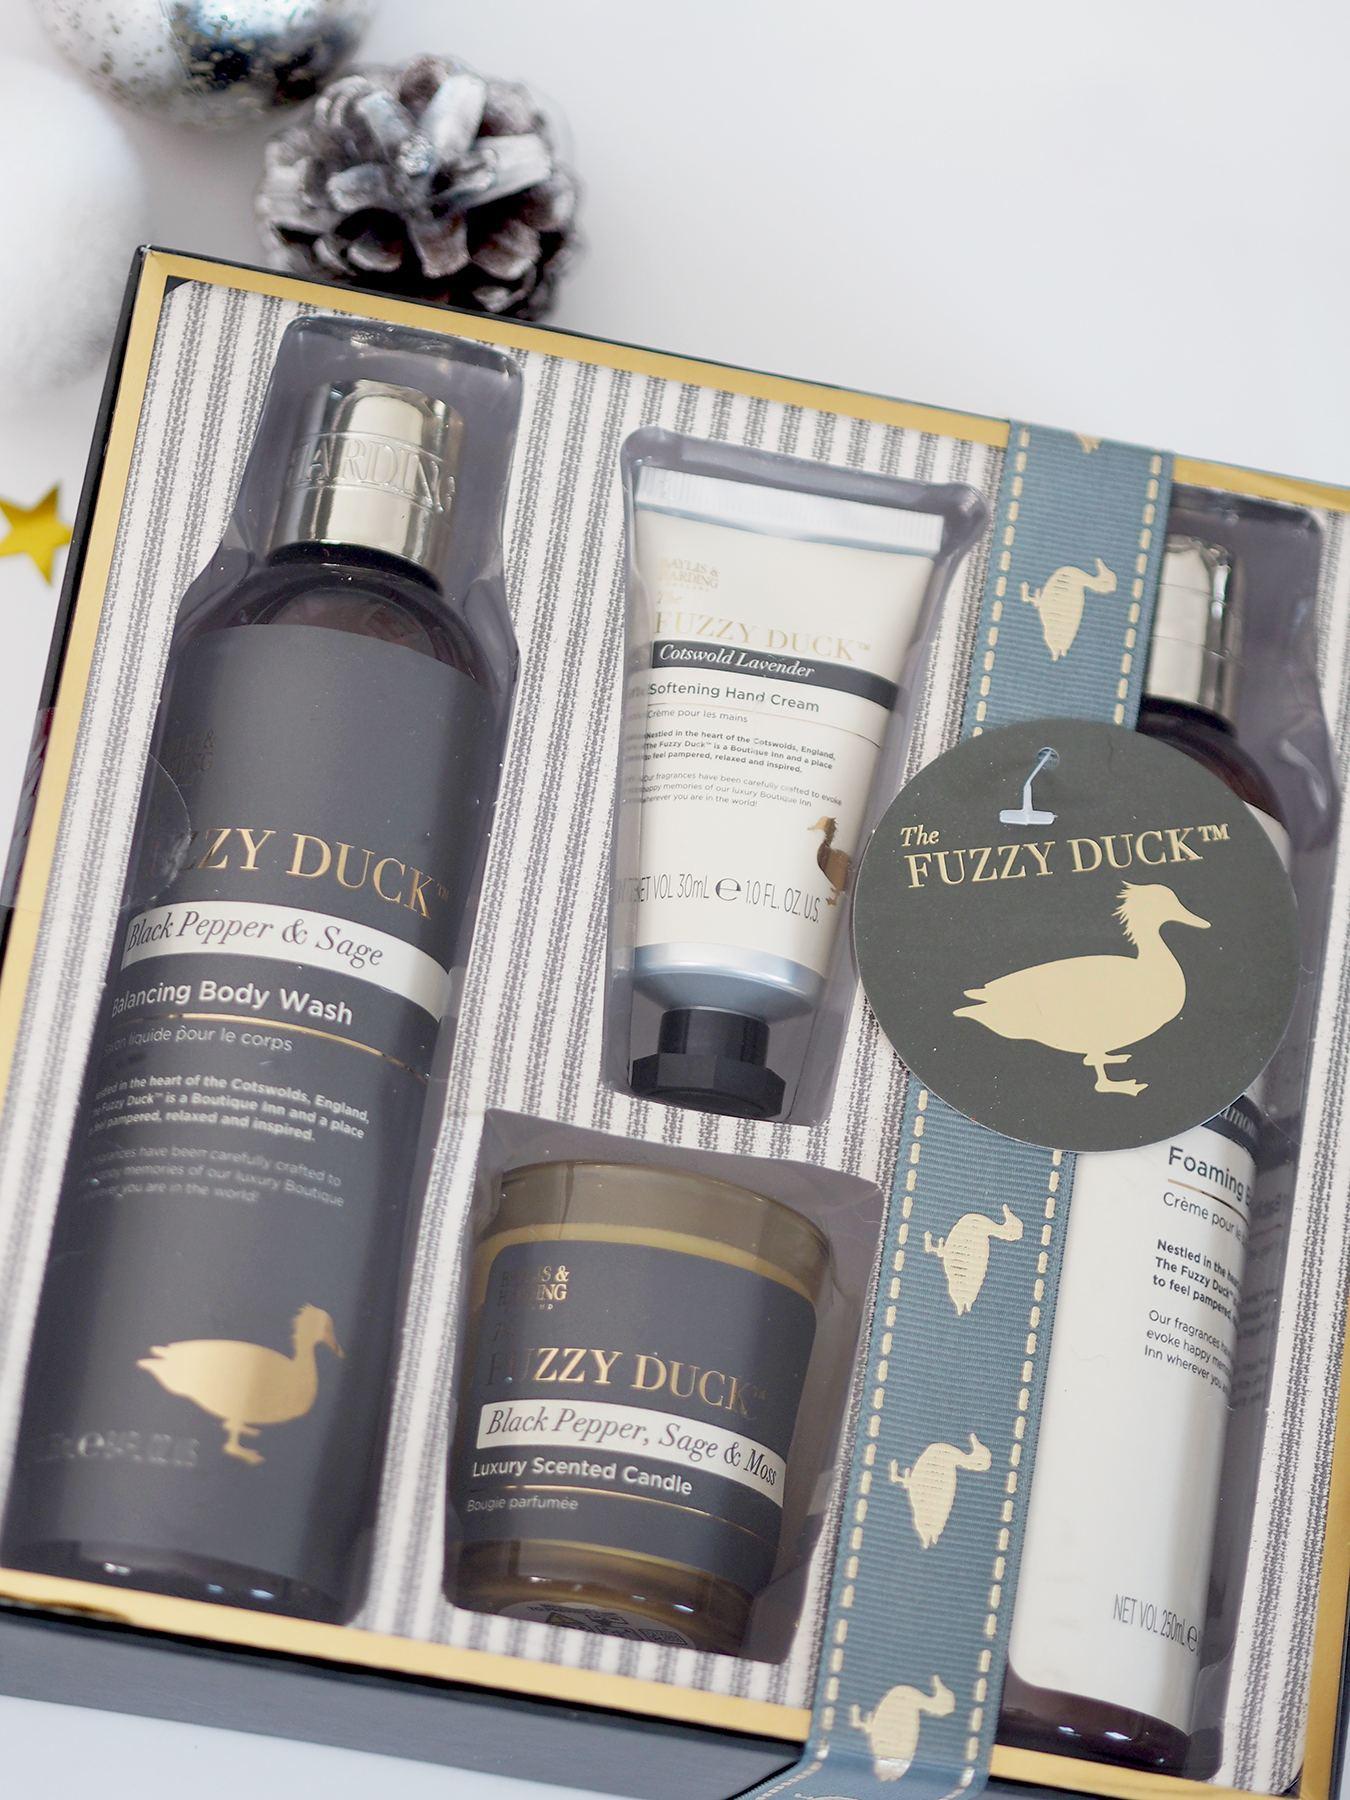 Baylis and harding fuzzy duck gift set